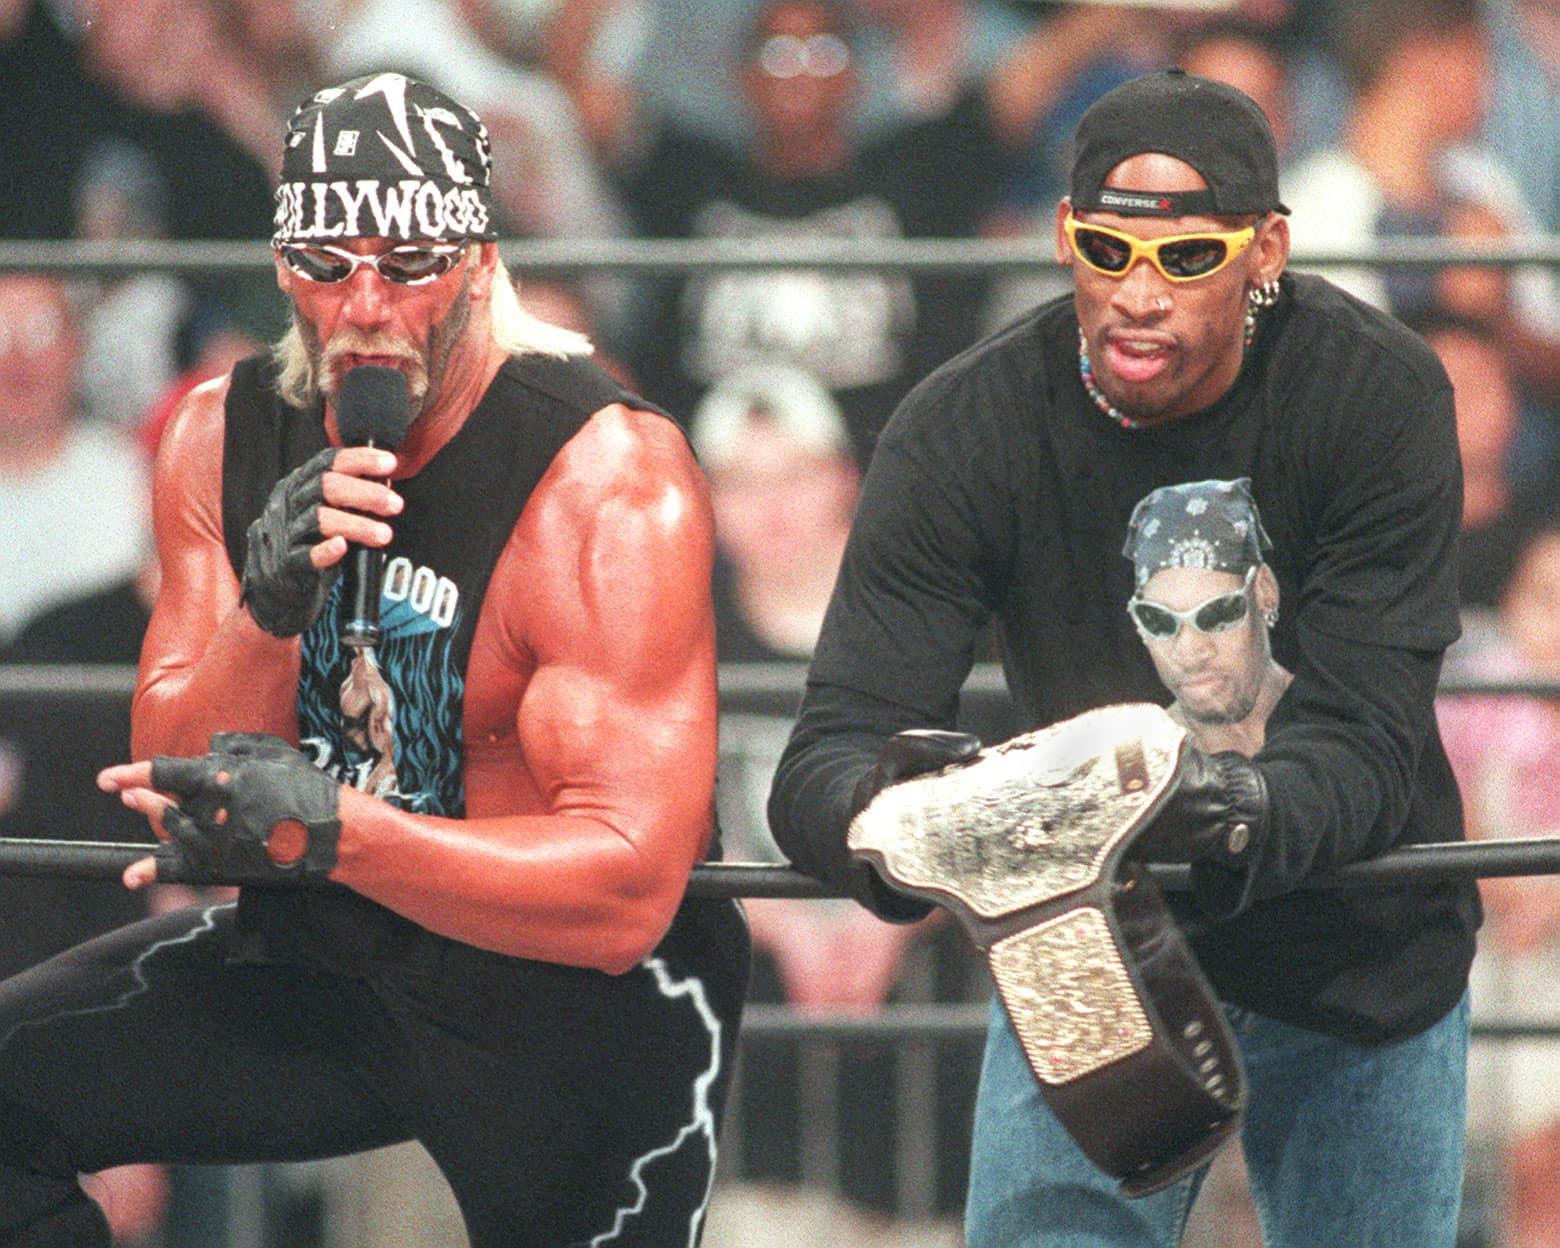 6/15/97--Hollywood Hulk Hogan y Dennis Rodman antes de su lucha ante The Giant y Lex Luther. Photo by Tom Cruze.